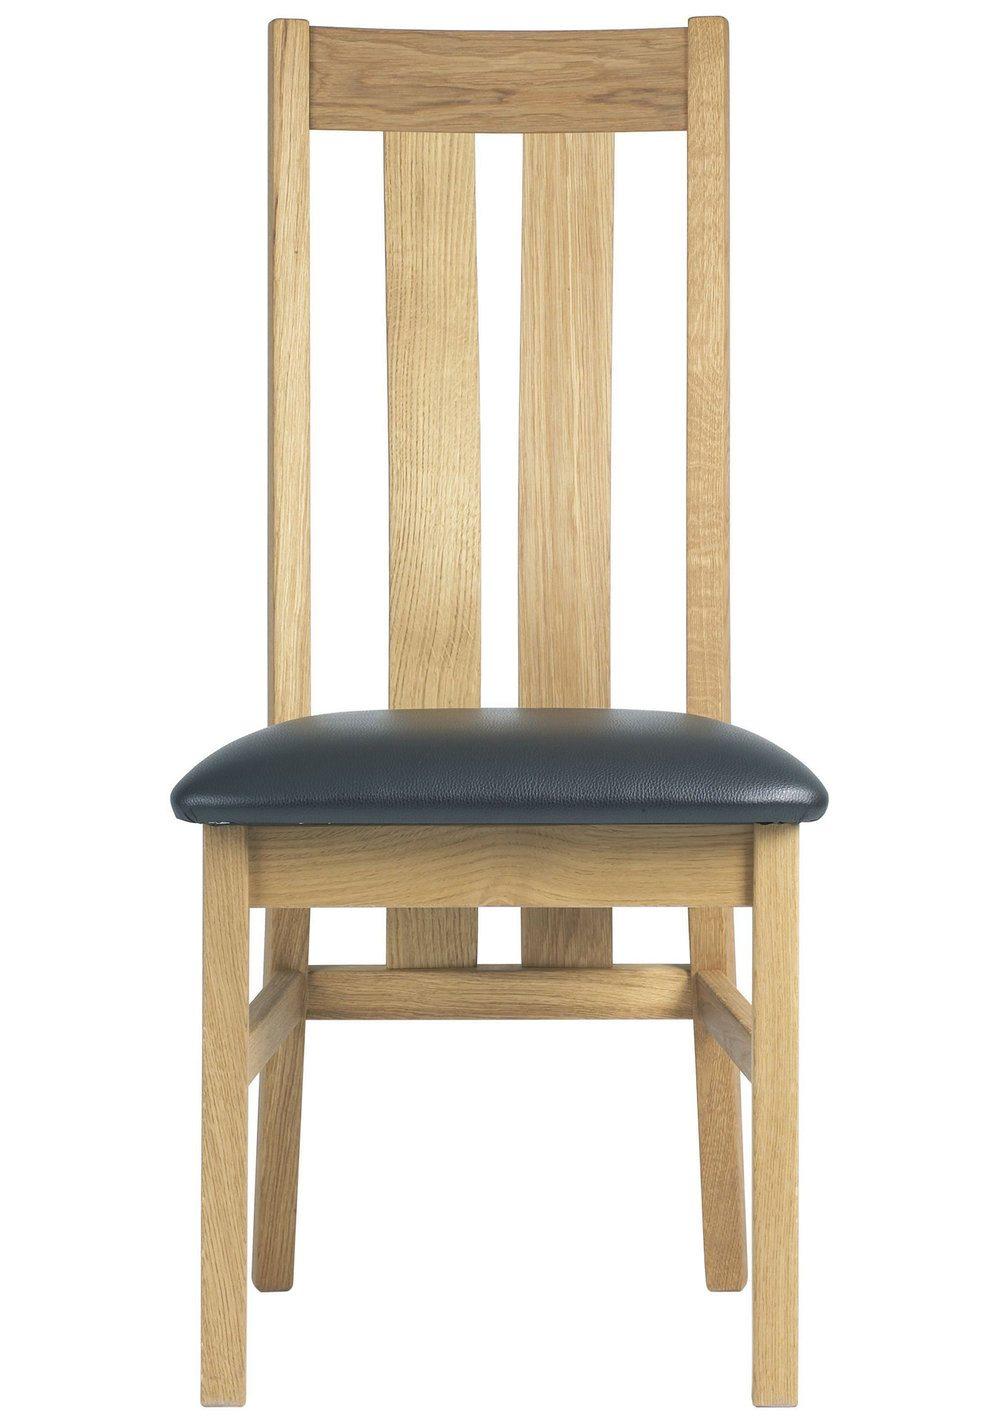 Brampton twin slat back chair portess